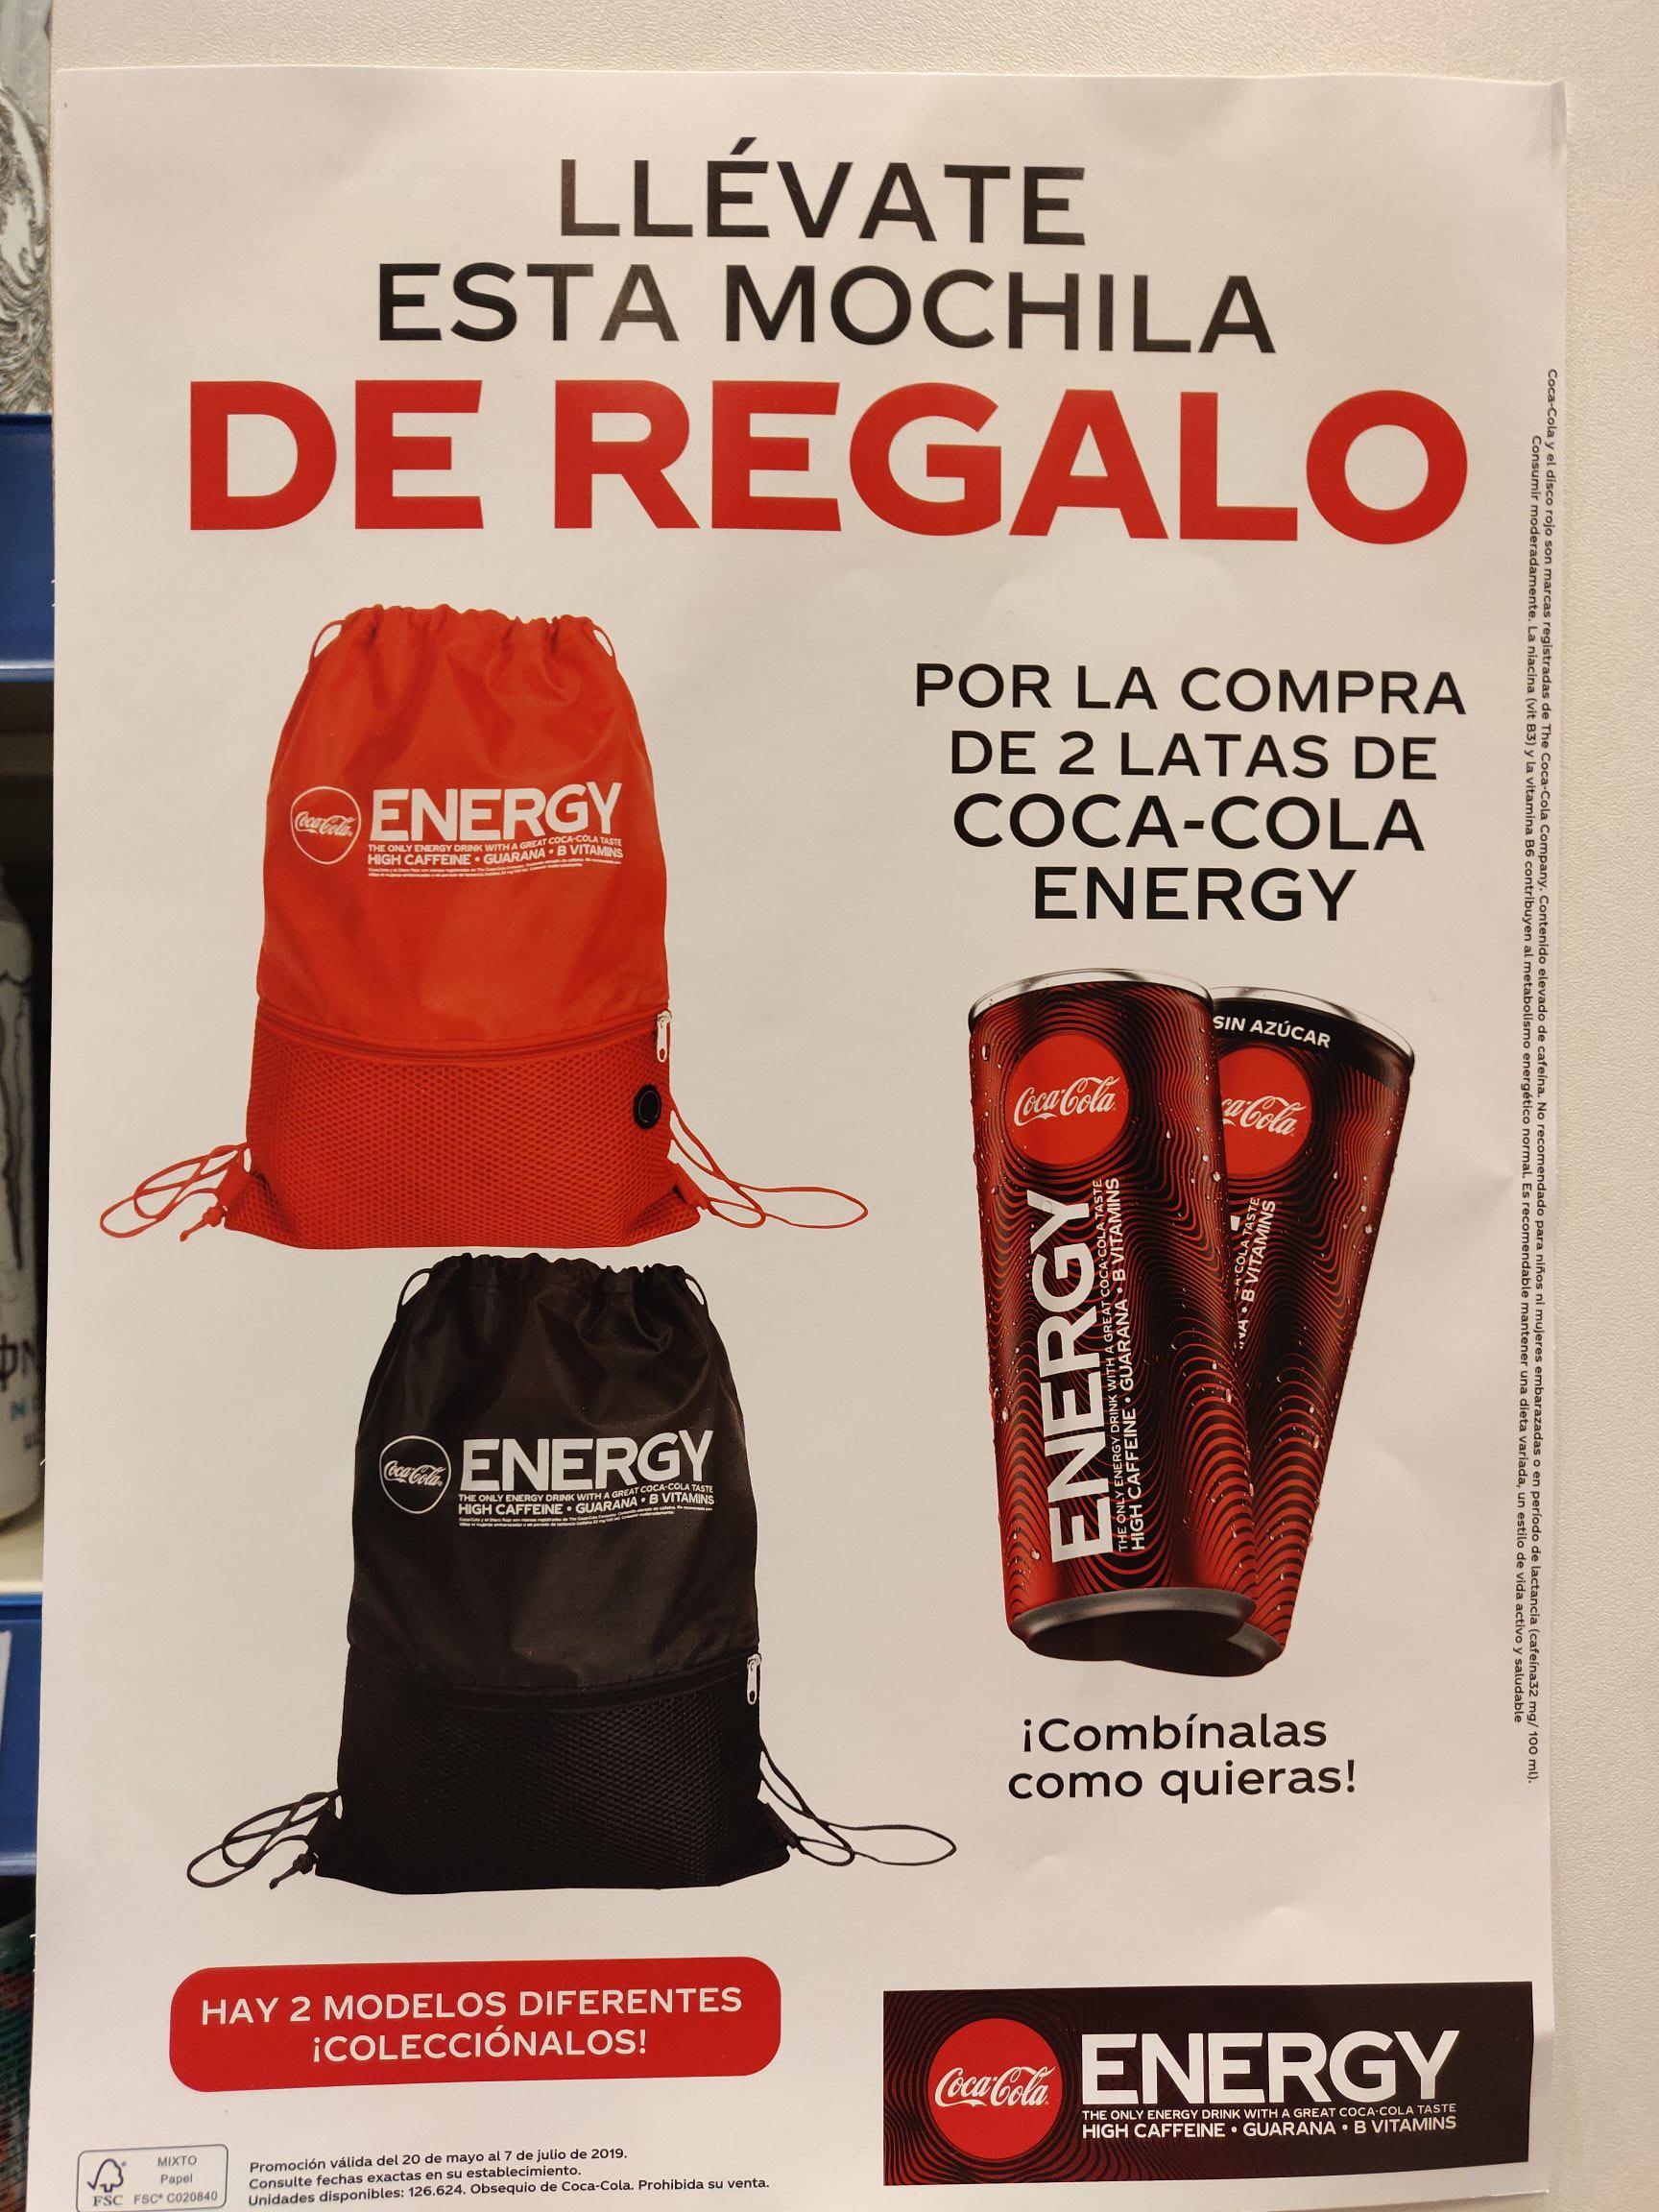 Mochila gratis por 2 latas de Coca Cola Energy